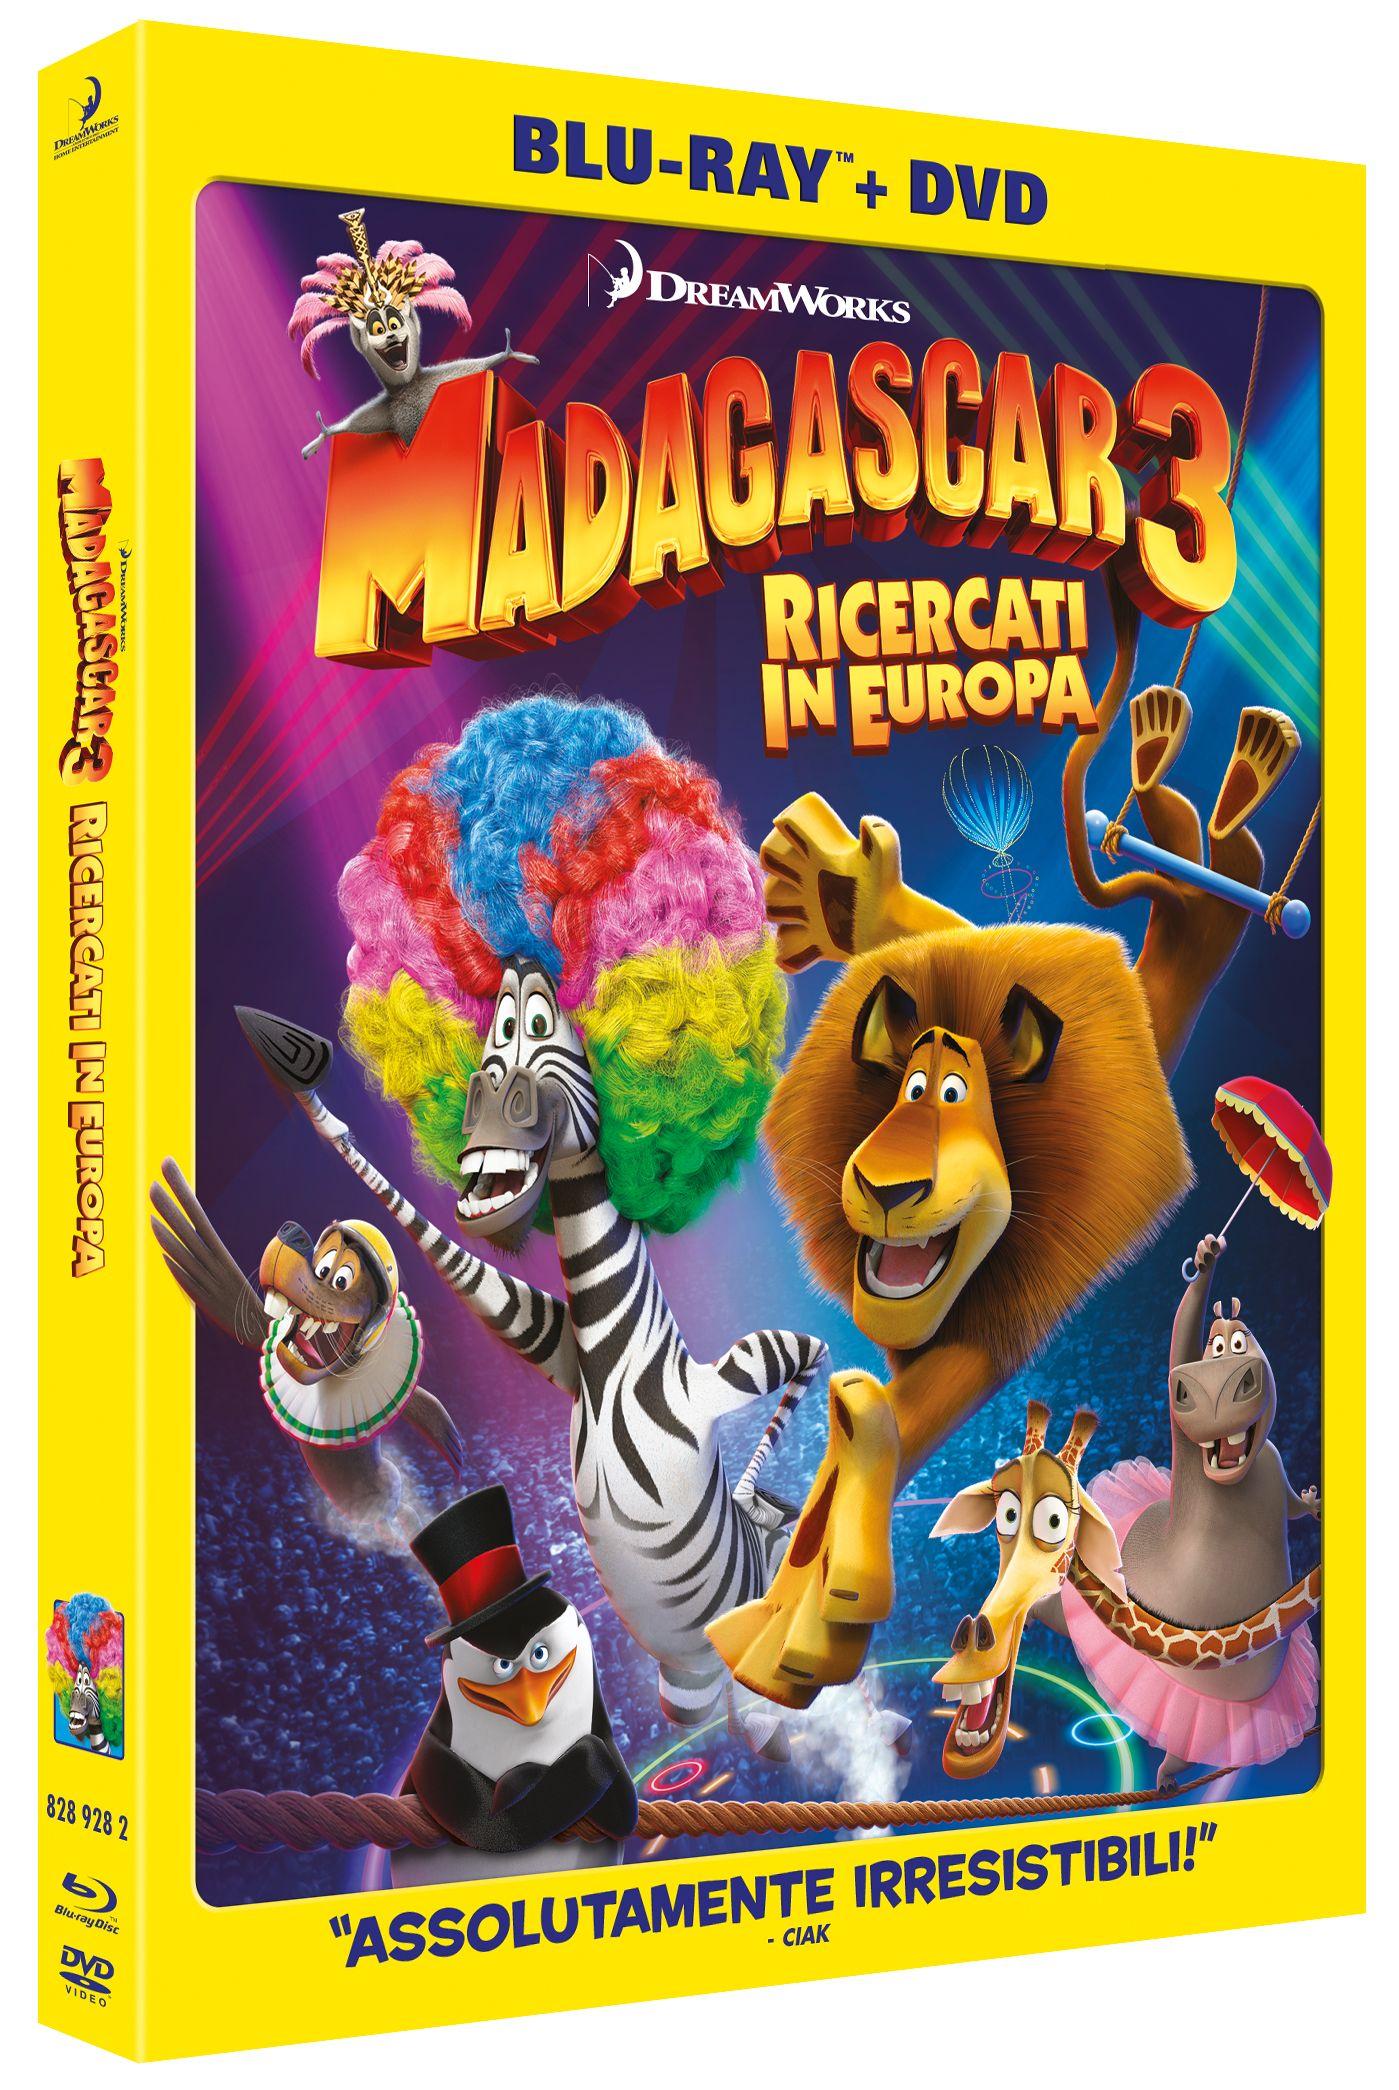 Madagascar 3 ricercati in europa blu-ray dvd